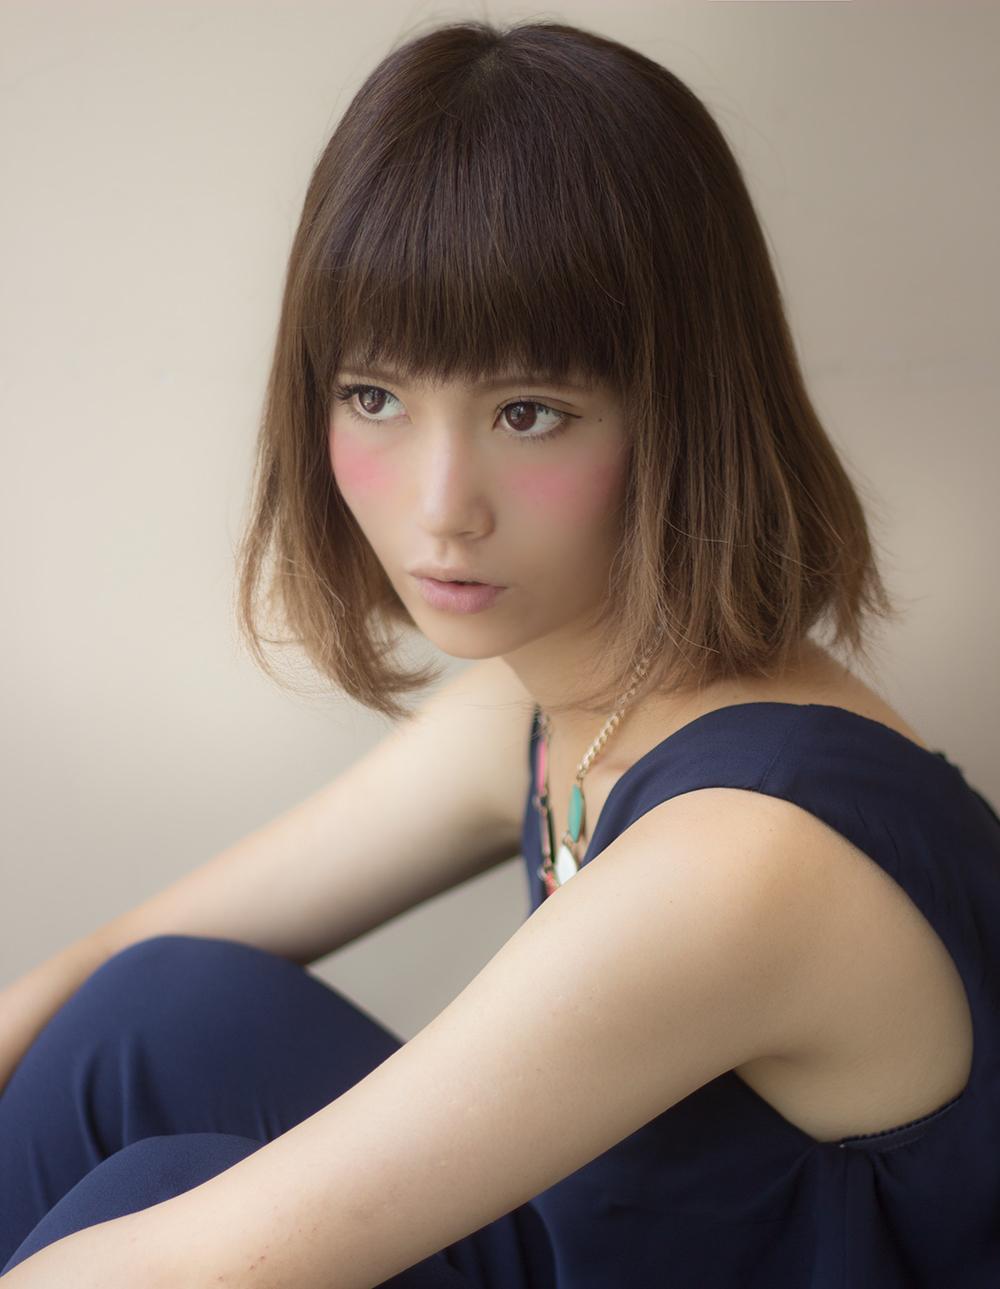 出典tsukasa,no,blog.com